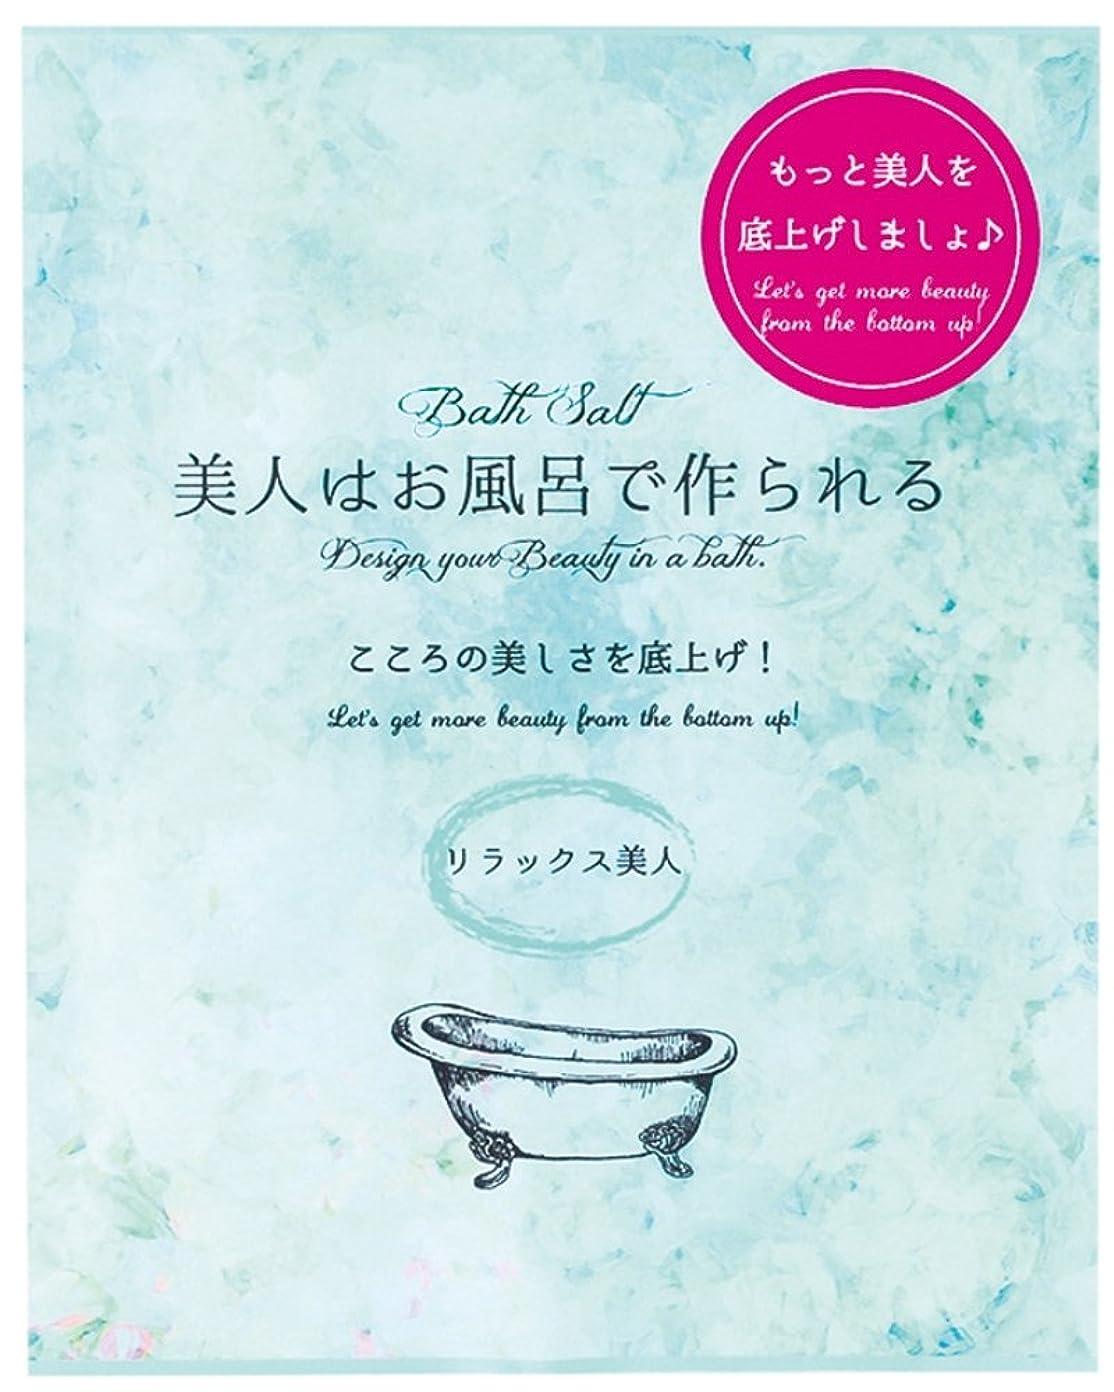 追う改修博物館ノルコーポレーション 入浴剤 セット 美人はお風呂で作られる バスソルト 55g 10包 乳白色 リラックス美人 OB-BZN-1-4